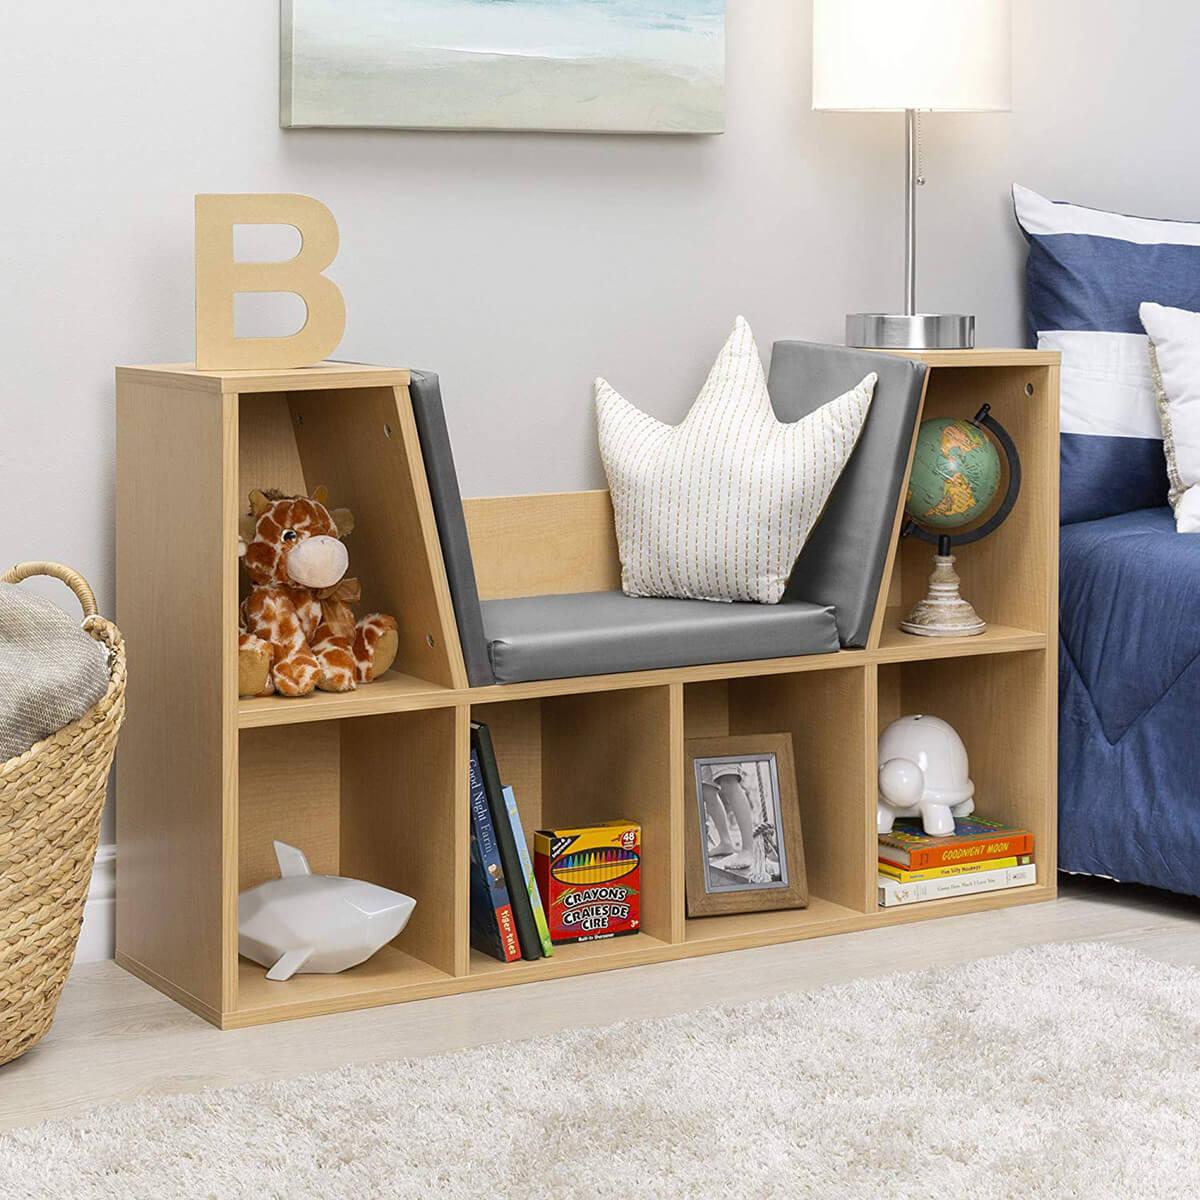 Как организовать пространство в комнате вашего ребёнка фото 10